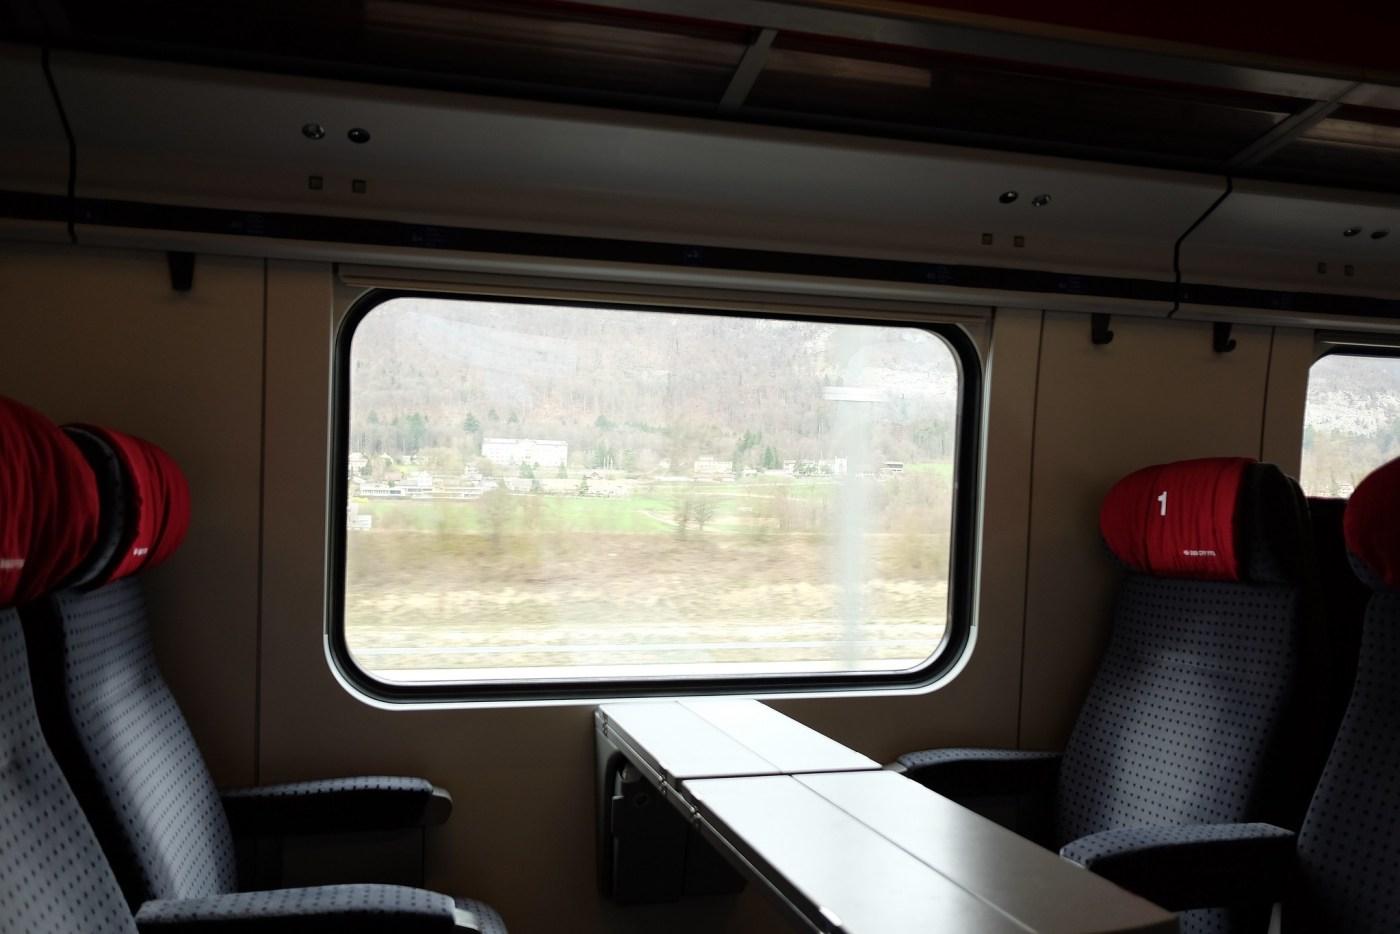 Train ride from Basel Switzerland to Biel/Bienne